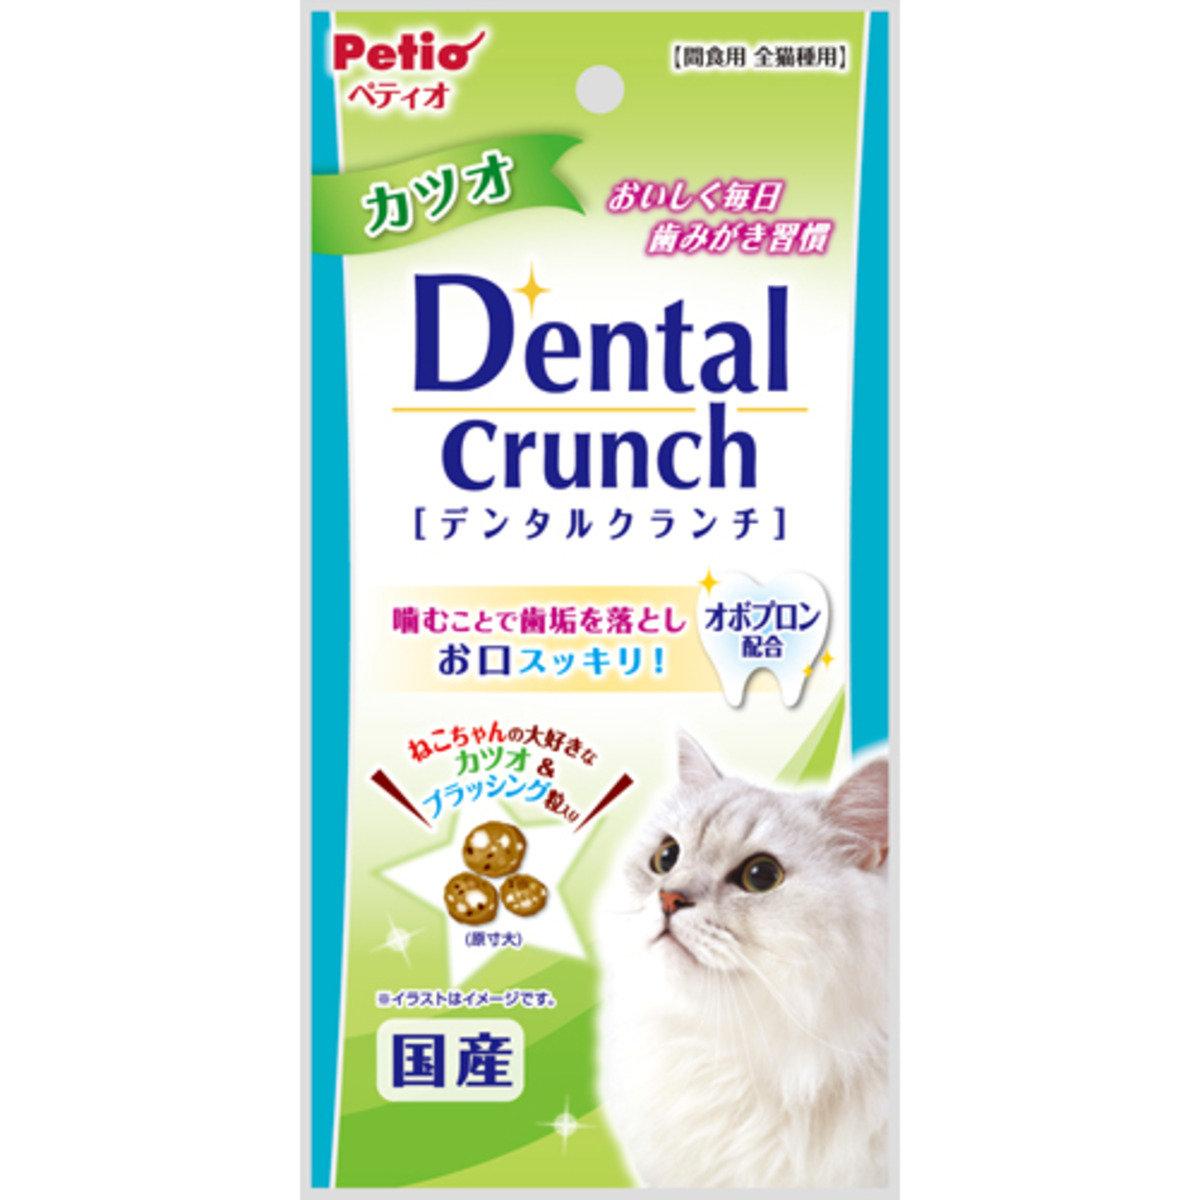 貓小食牙齒護理(鰹魚粒)(W12728)